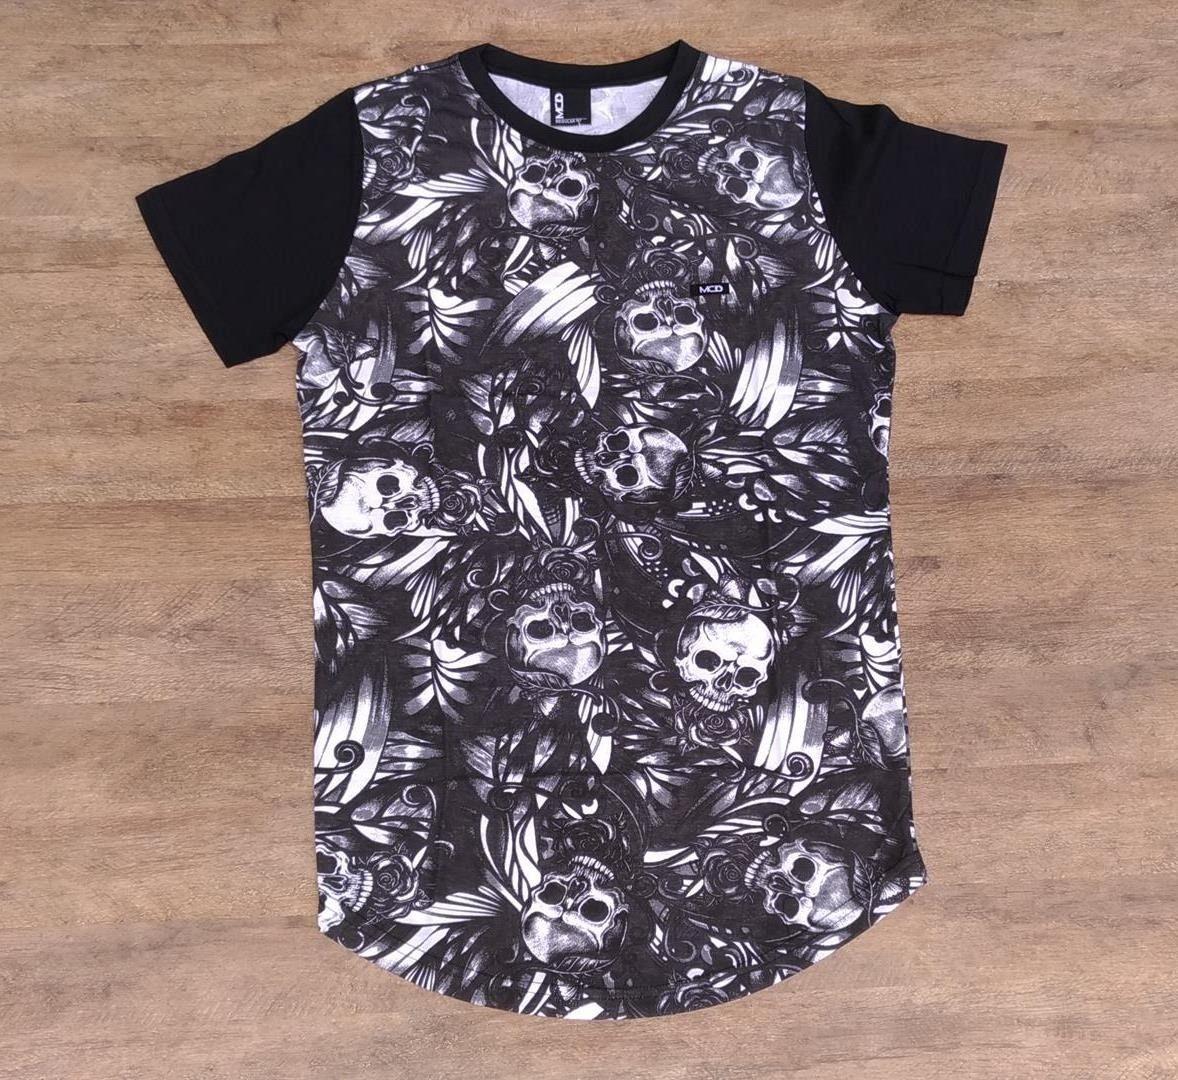 camiseta mcd full nightmare - especial preta. Carregando zoom. 9160496d01d